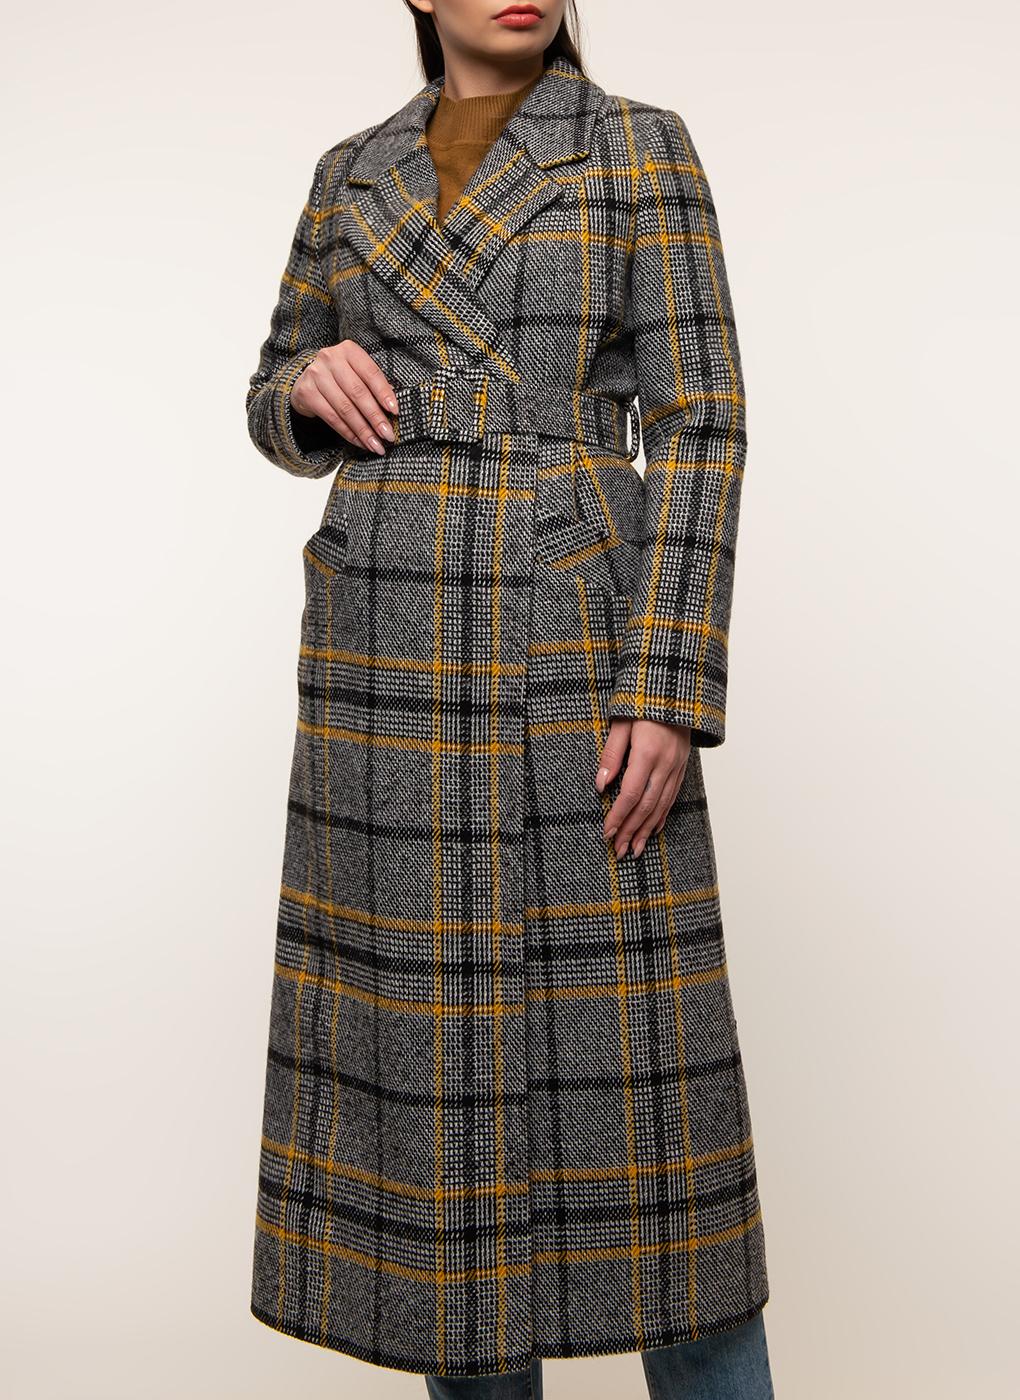 Пальто полушерстяное 43, Заря Моды фото